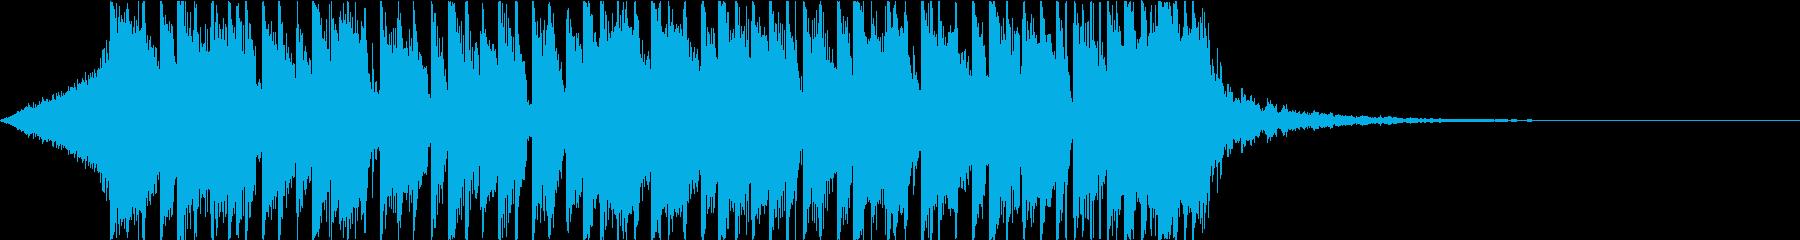 ベース スラップ 重低音 ジングルの再生済みの波形